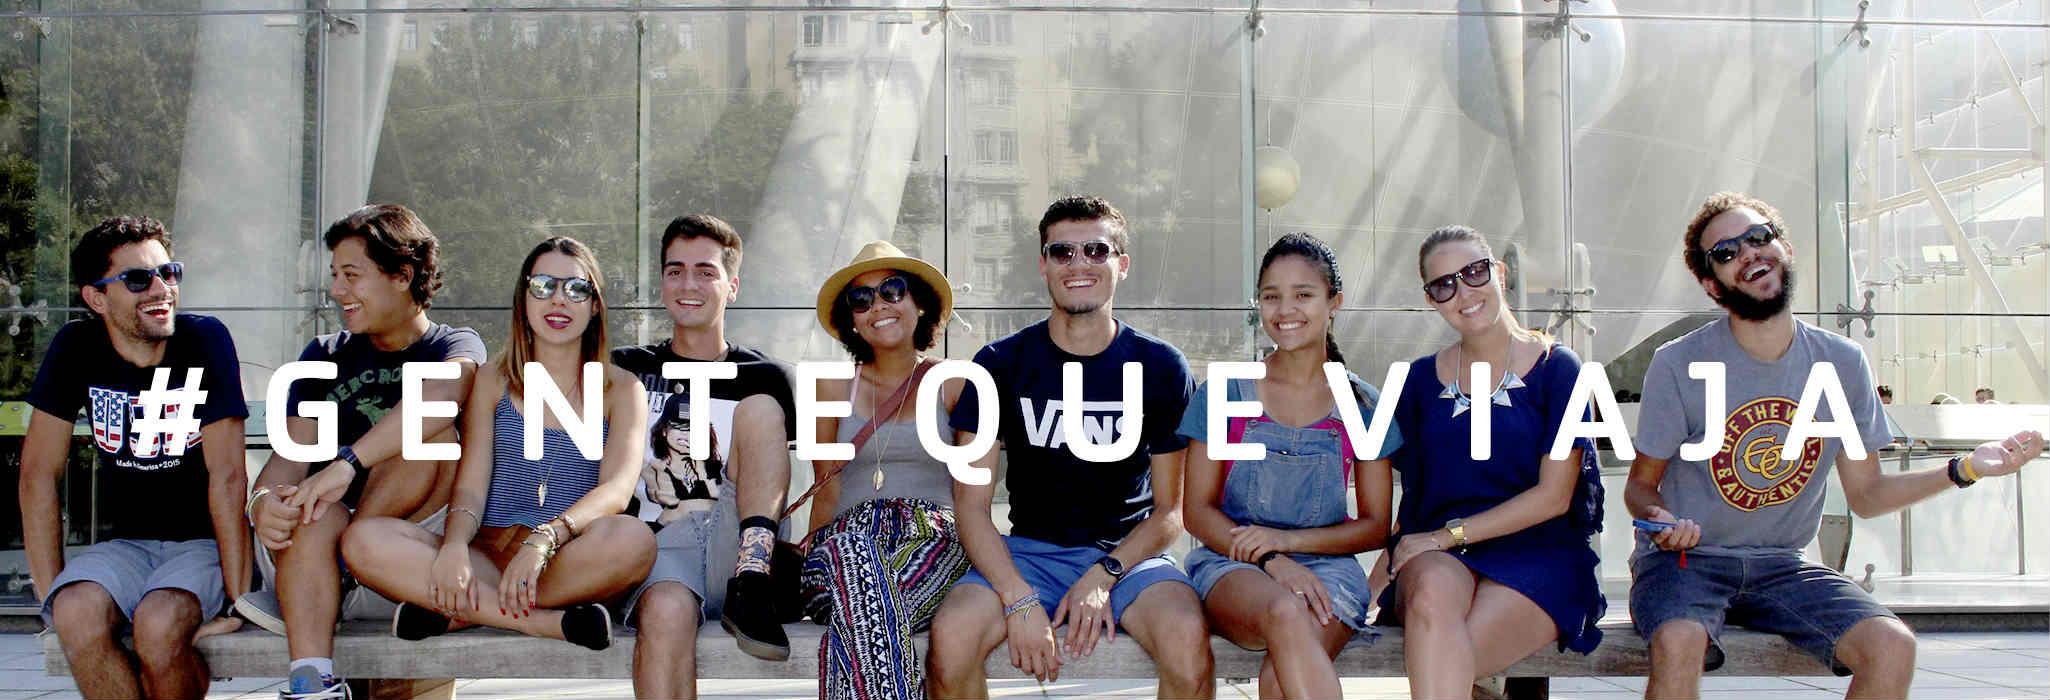 banner summer camp intercambio USA acampamento verao viagens jovens Belo horizonte blog dicas viagens ed - Home